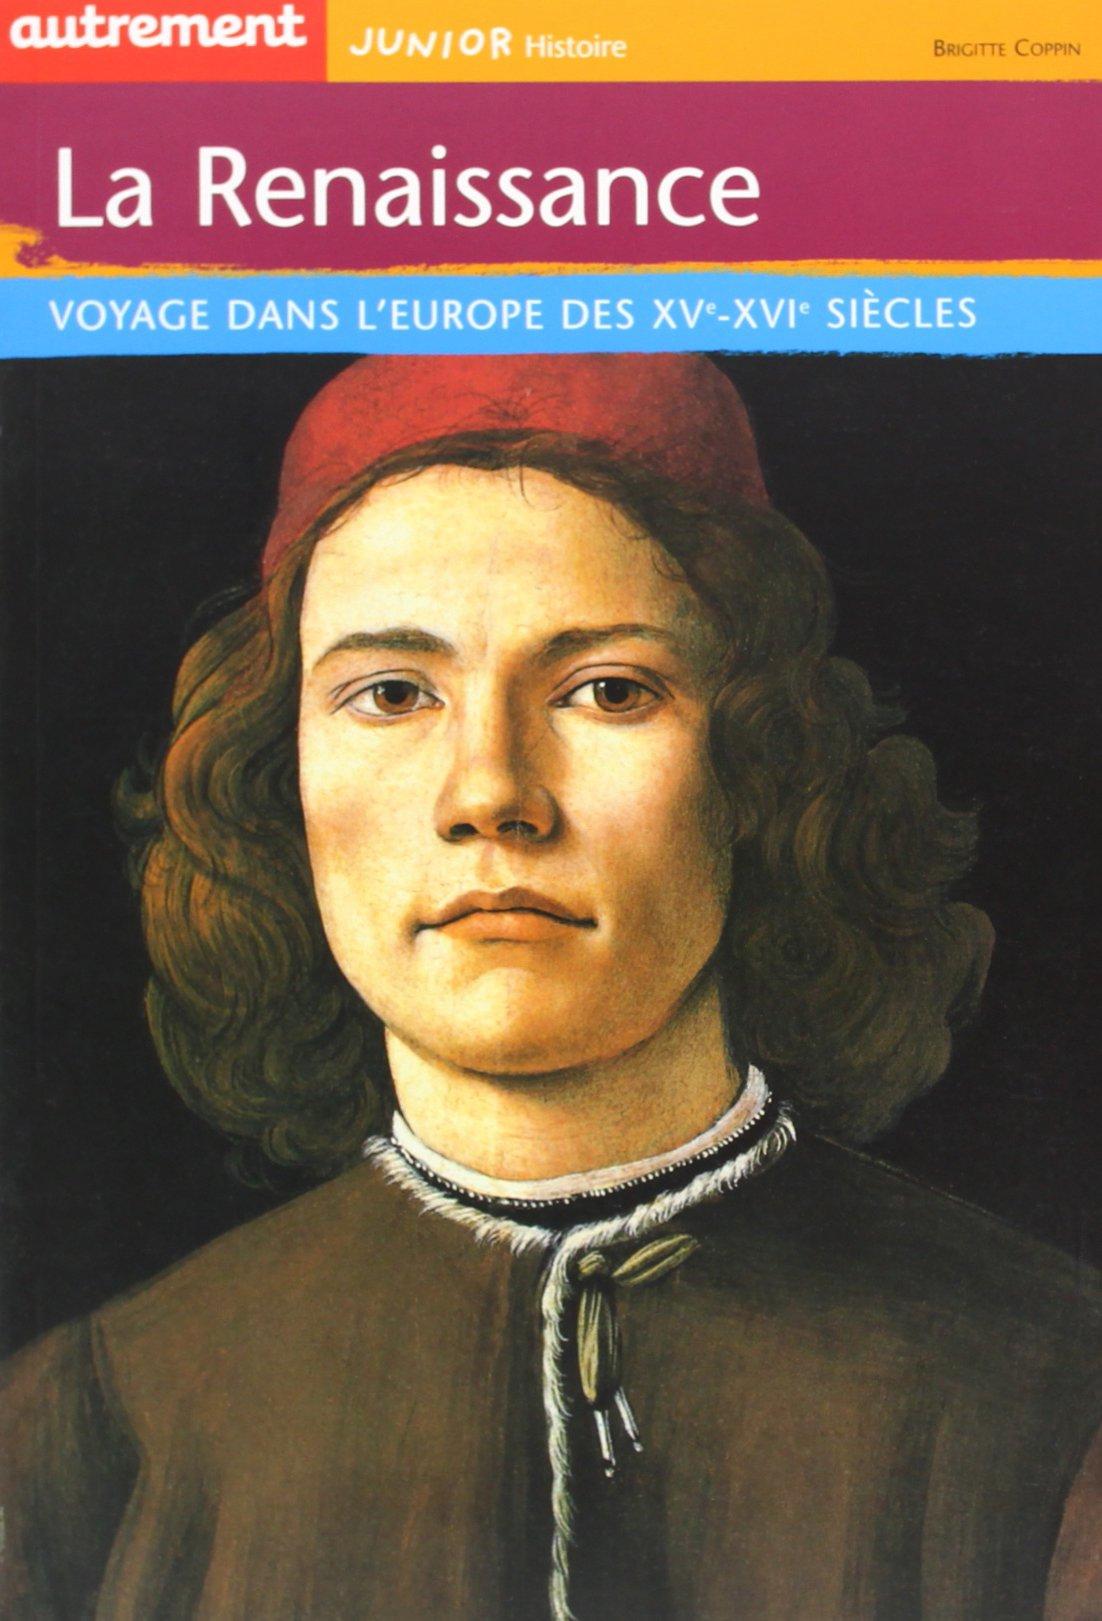 Download La Renaissance : Voyage dans l'Europe des XVe-XVIe siècles PDF